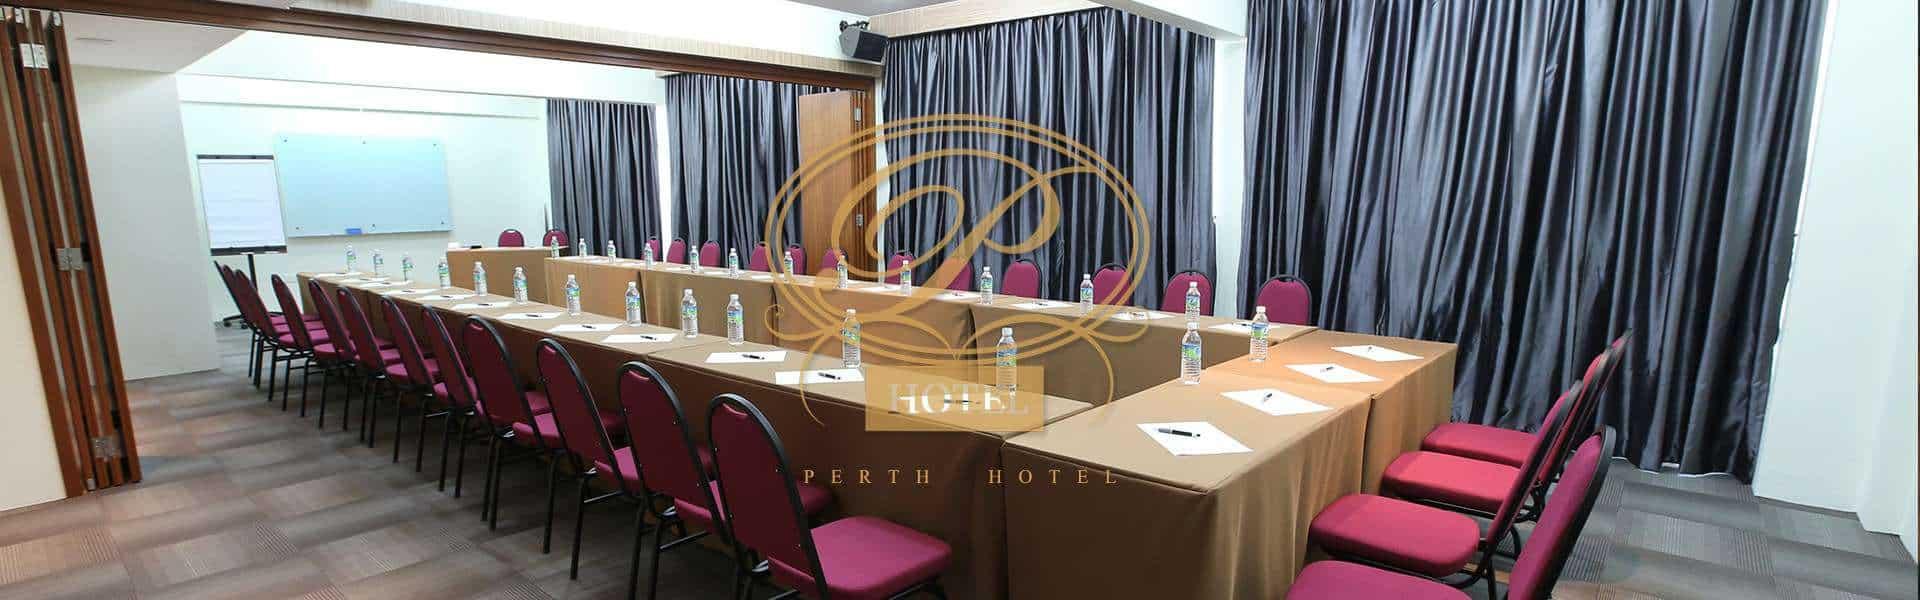 Perth Hotel Photo 1